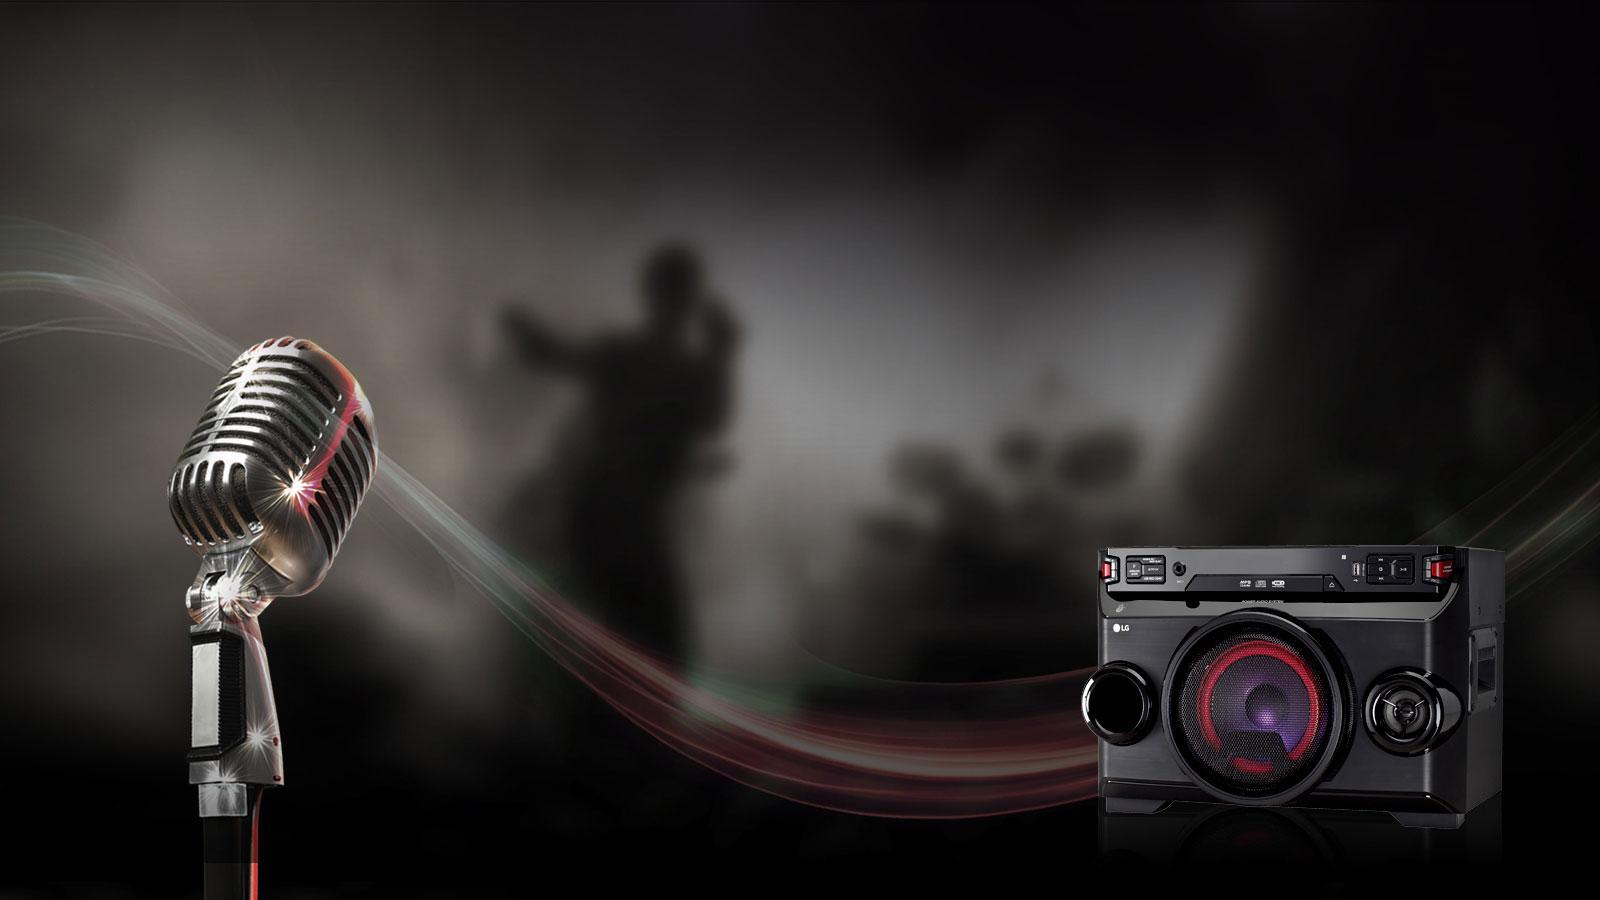 LG XBOOM OM4560 220W Hi Fi Entertainment System with Bluetooth 1600x900